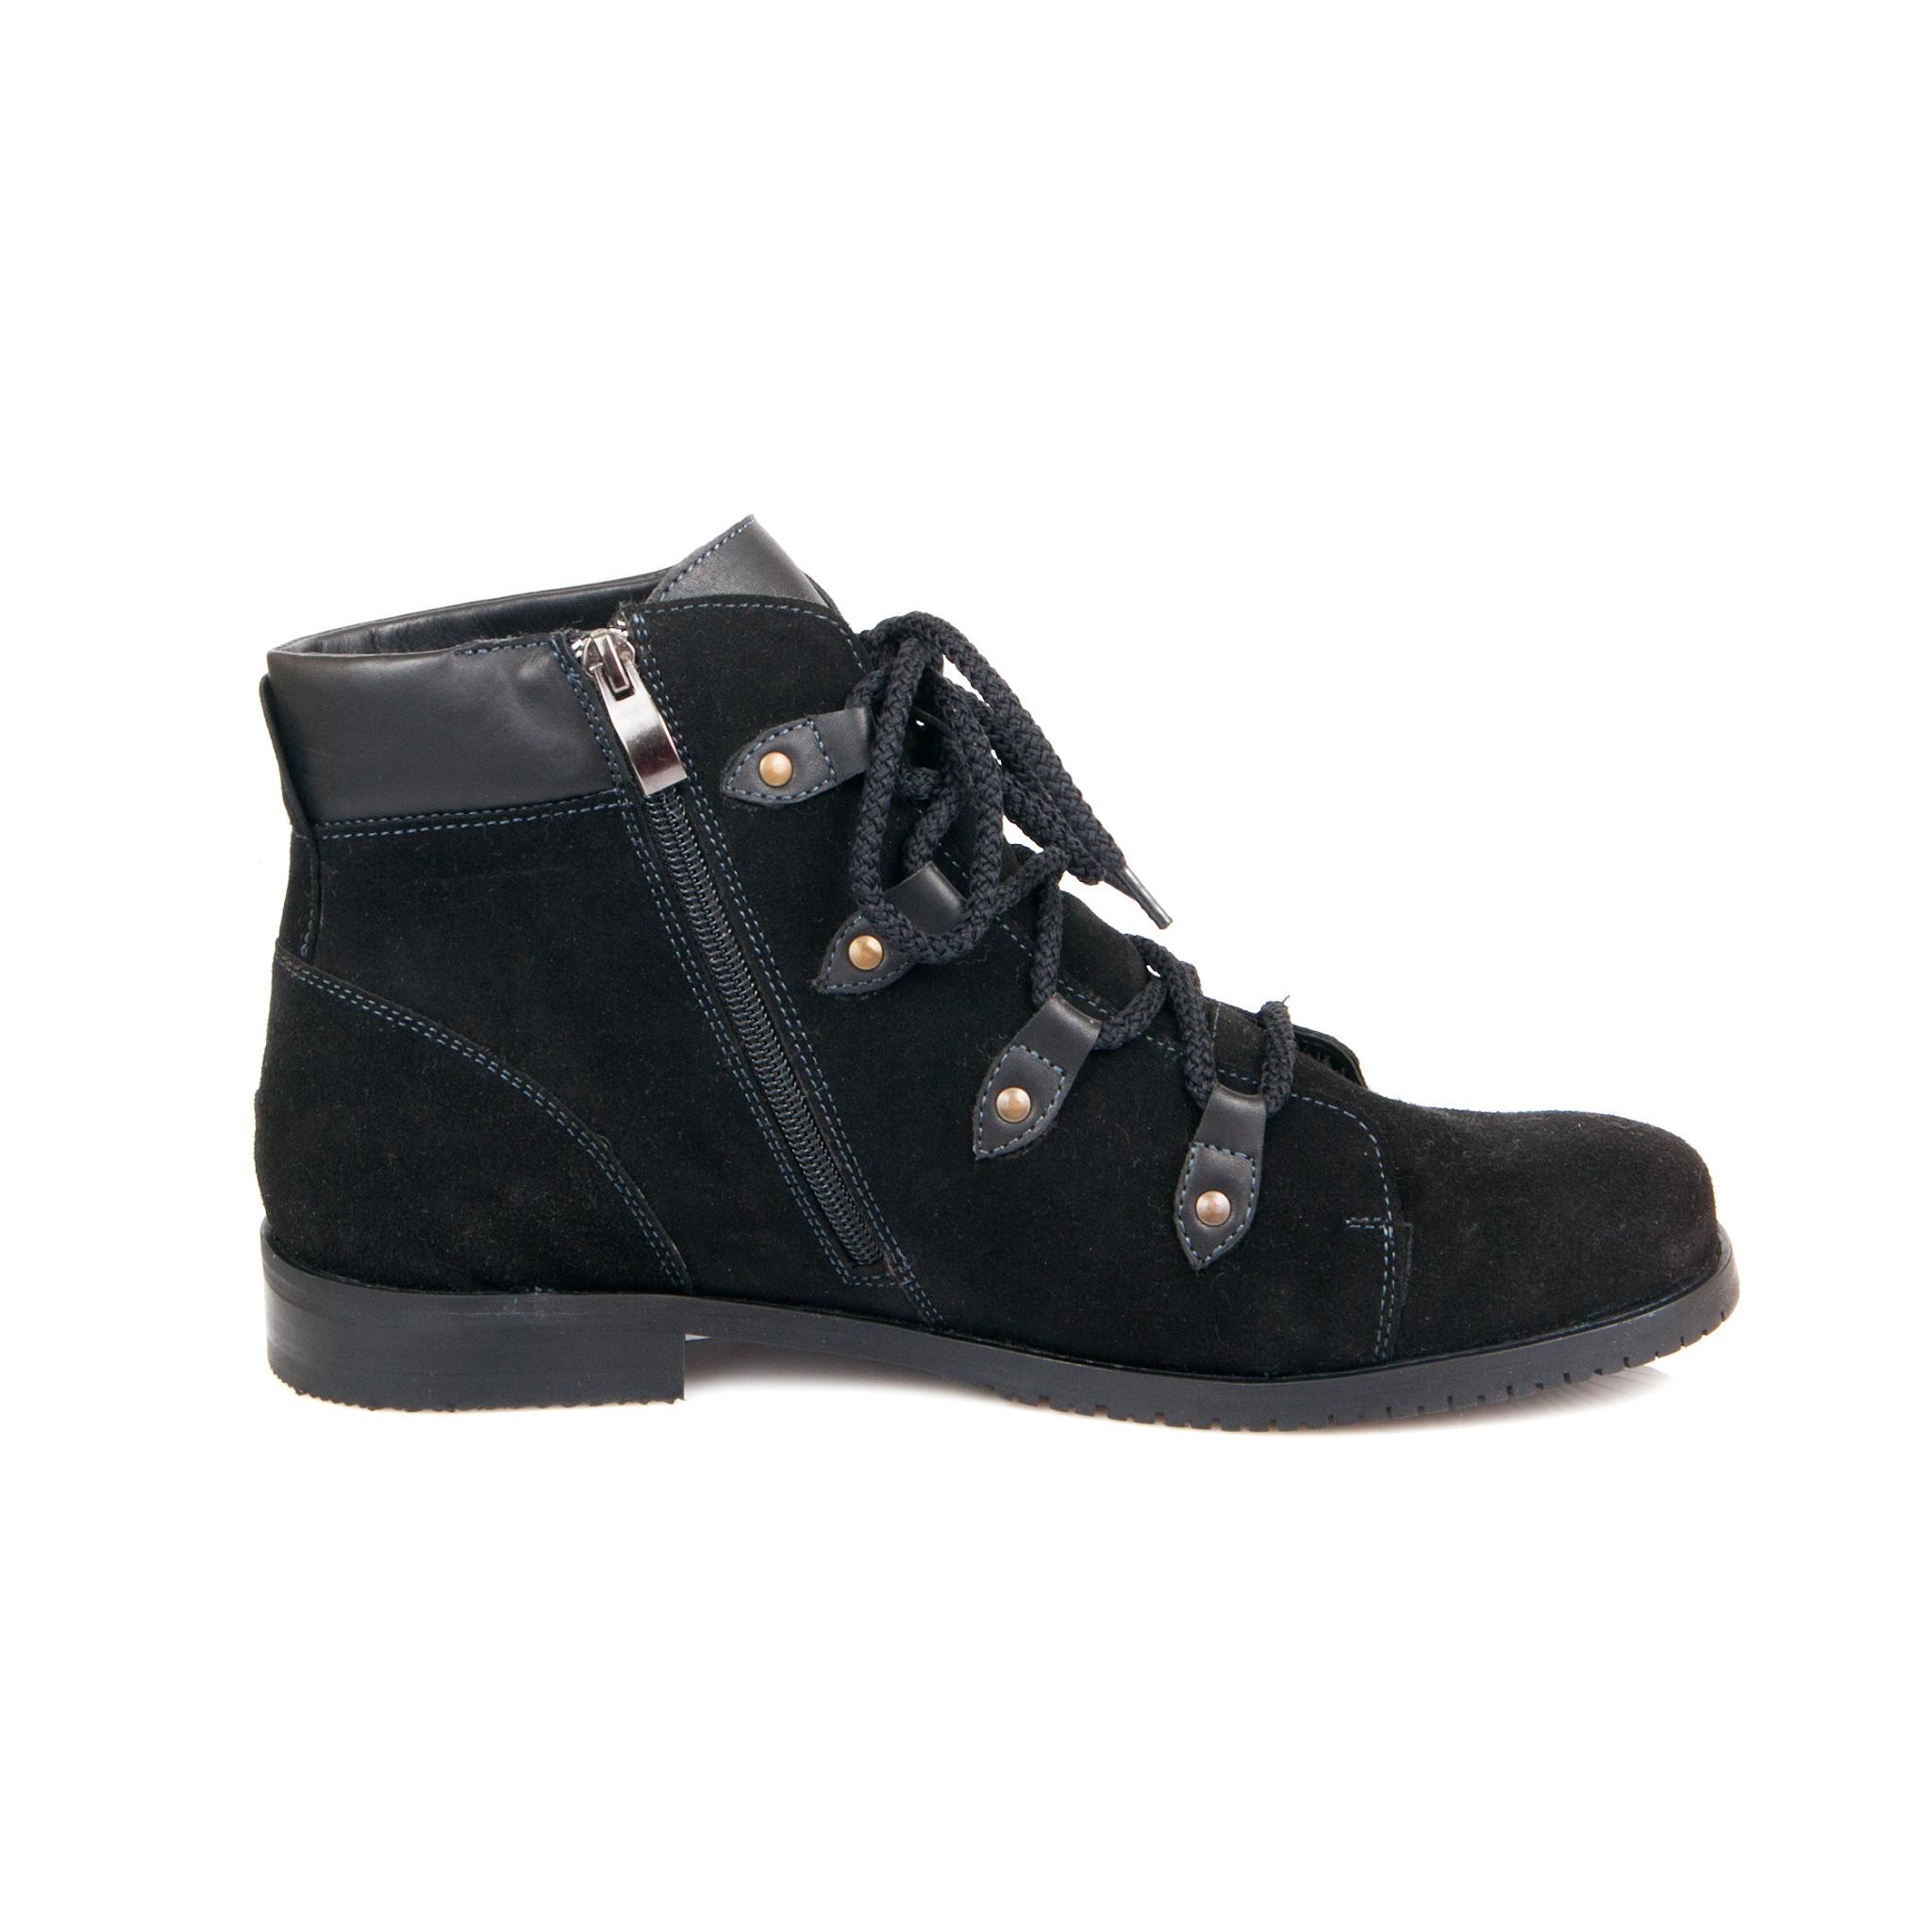 557370 Ботинки женские черные больших размеров марки Делфино